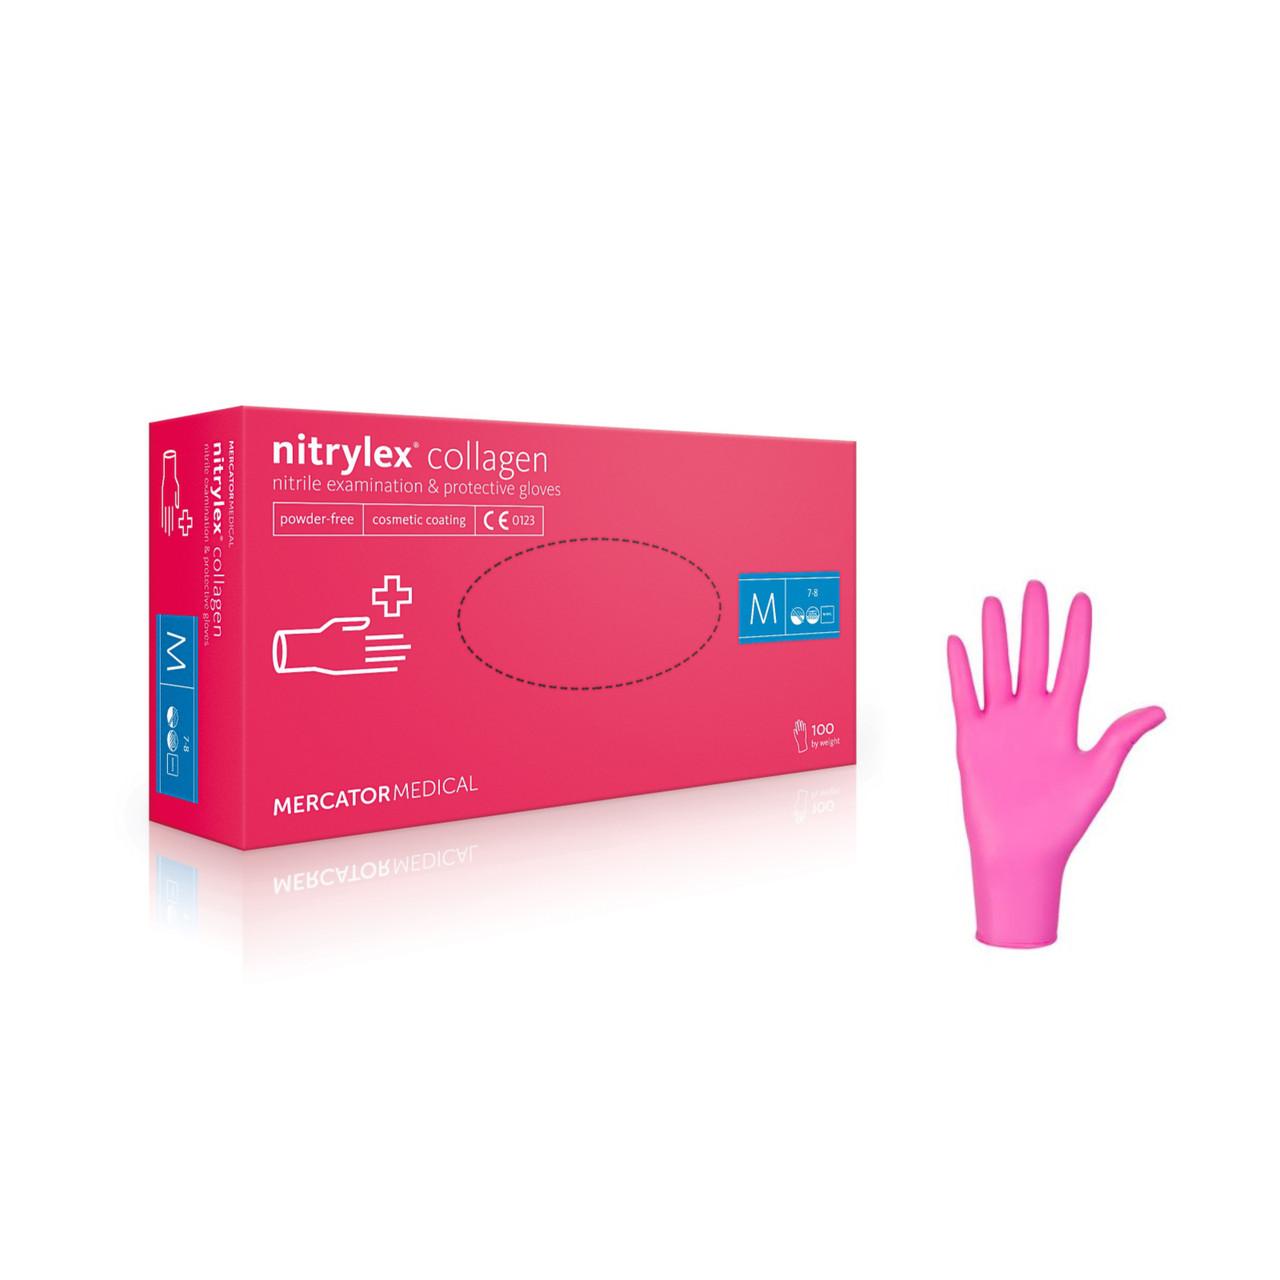 Перчатки Nitrylex Collagen, Ярко Розовый, M, 100 шт, прочные, мягкие, гипоаллергенные, устойчивы к